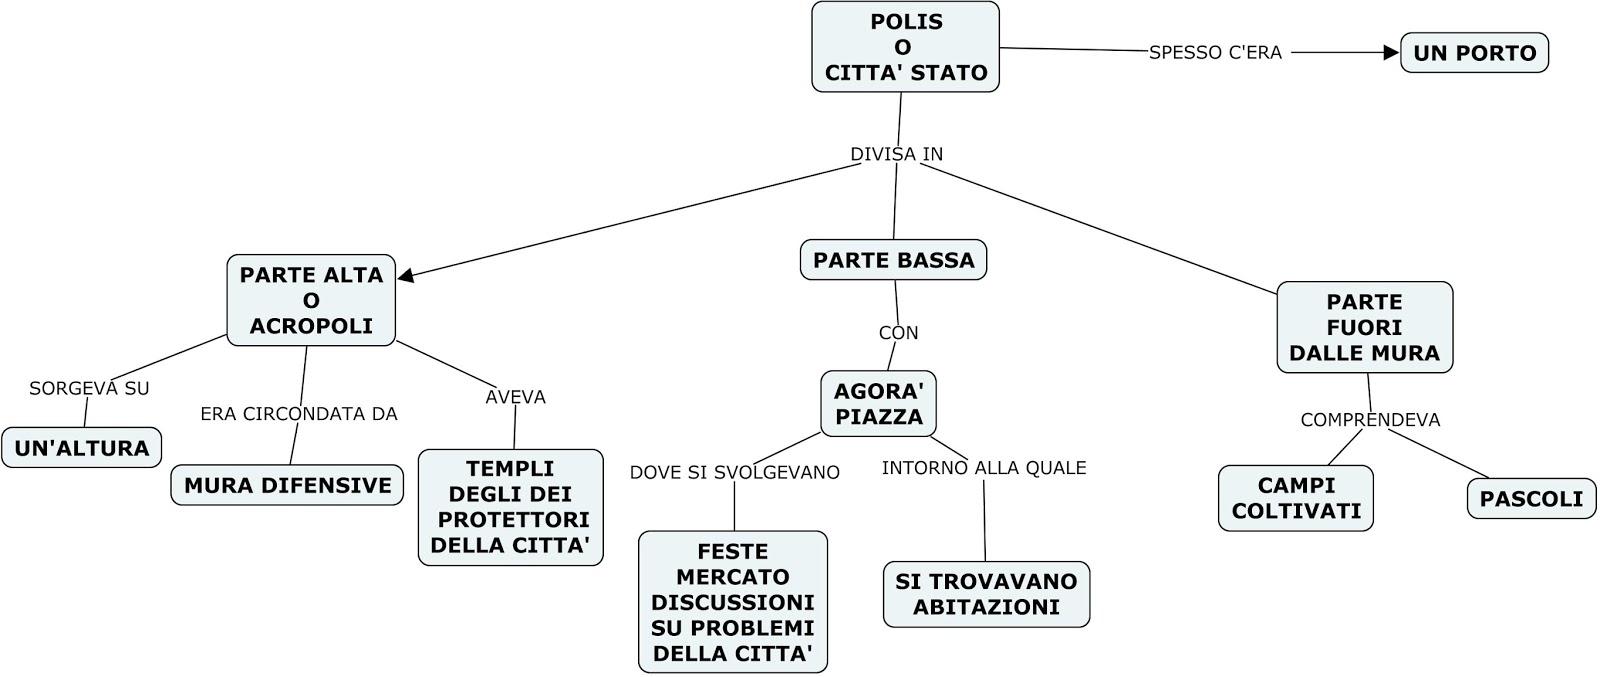 Polis civilt greca attivit dei greci mappe concettuale for Cartina della grecia antica da stampare